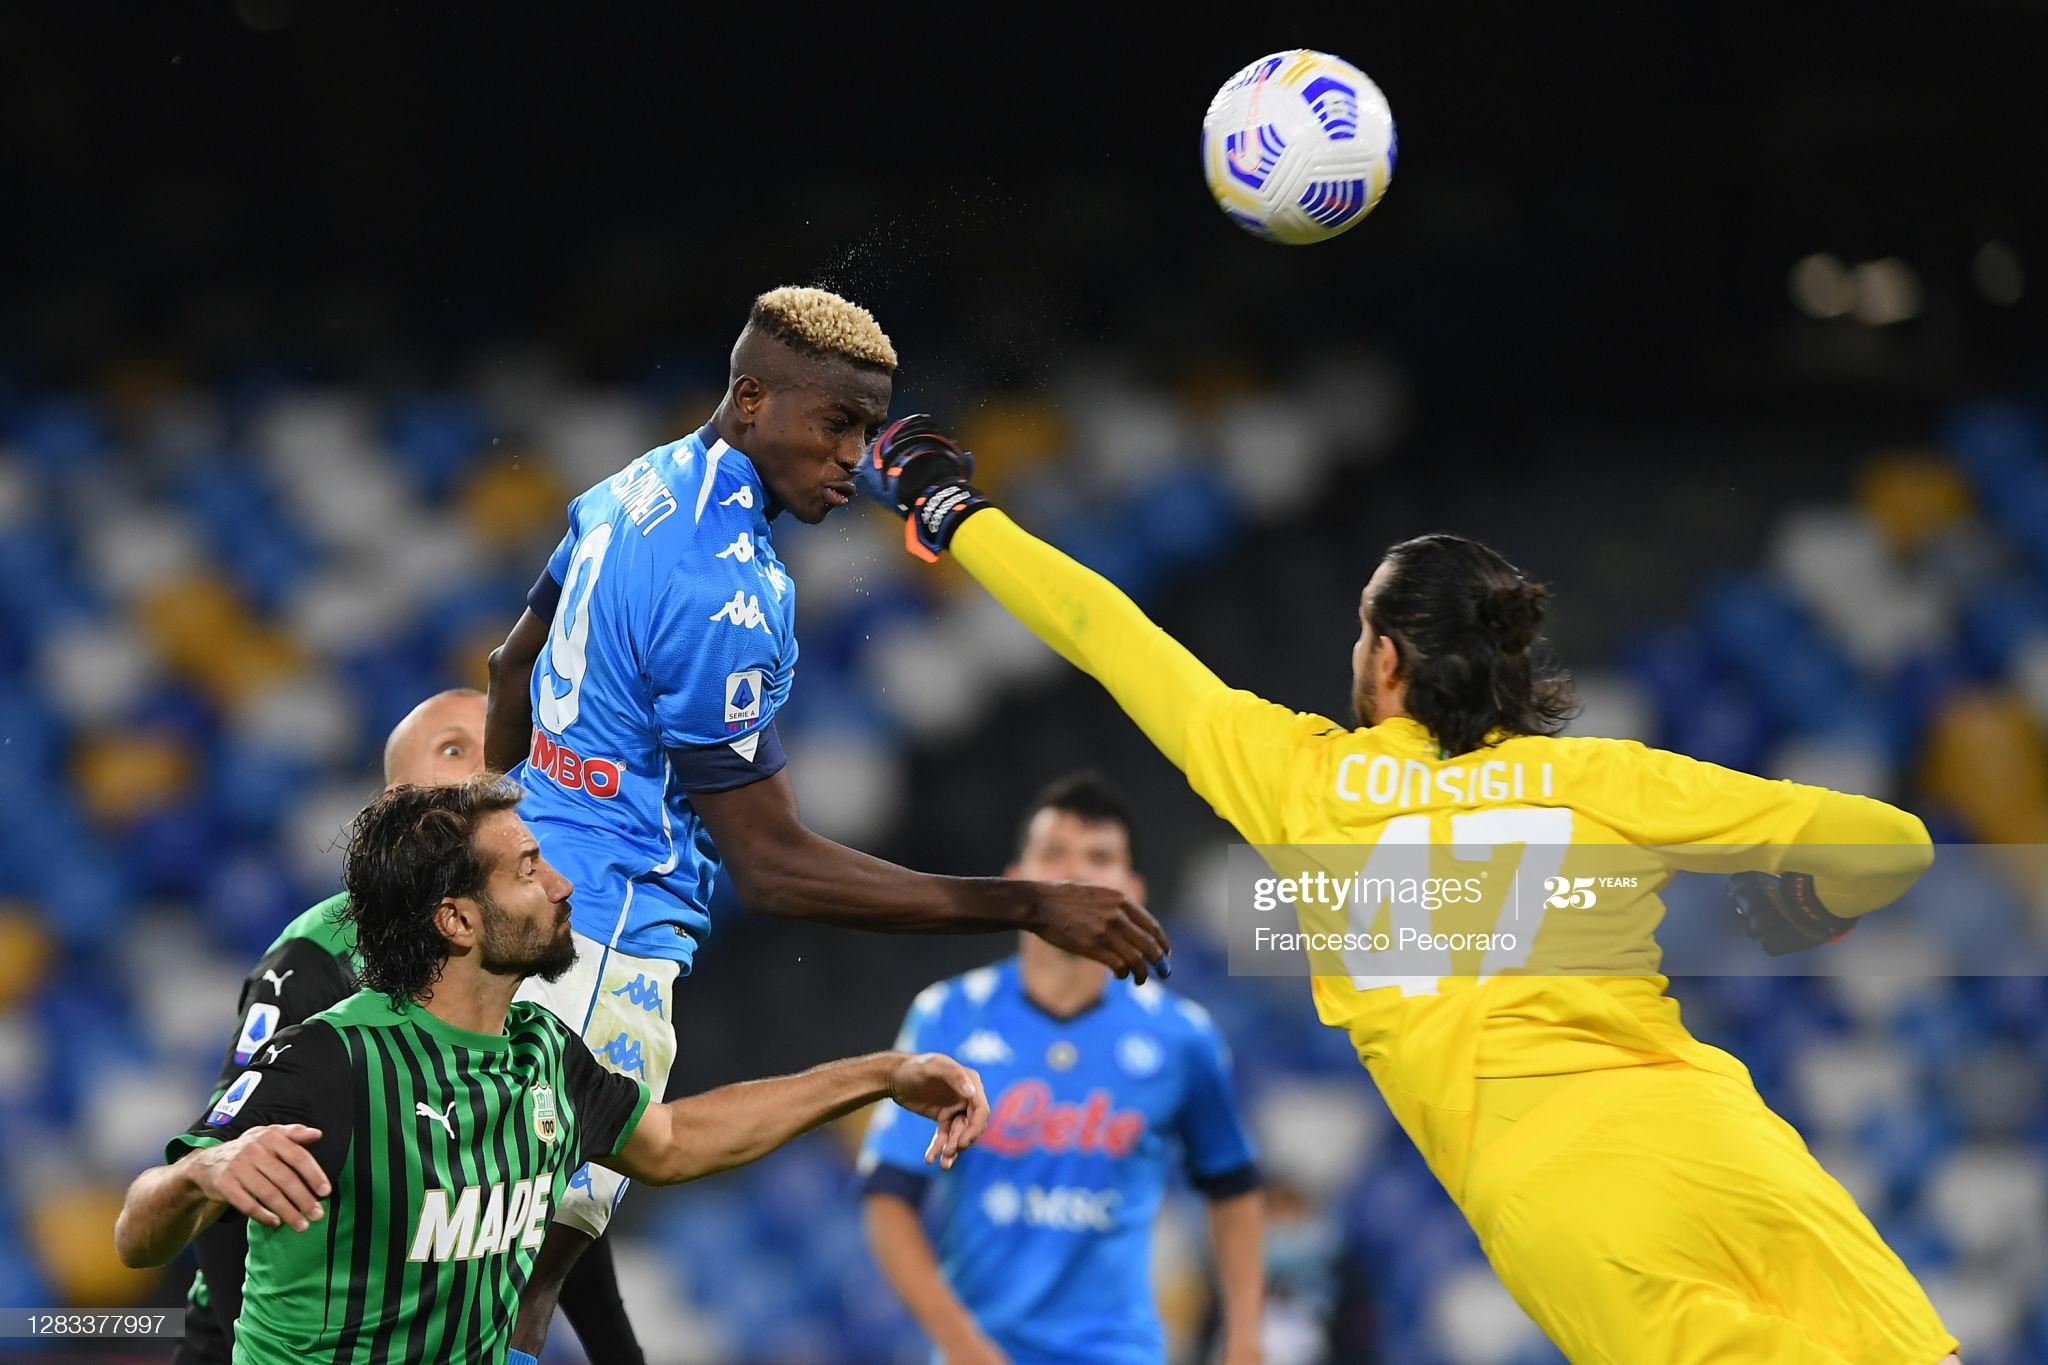 Napoli vs Milan